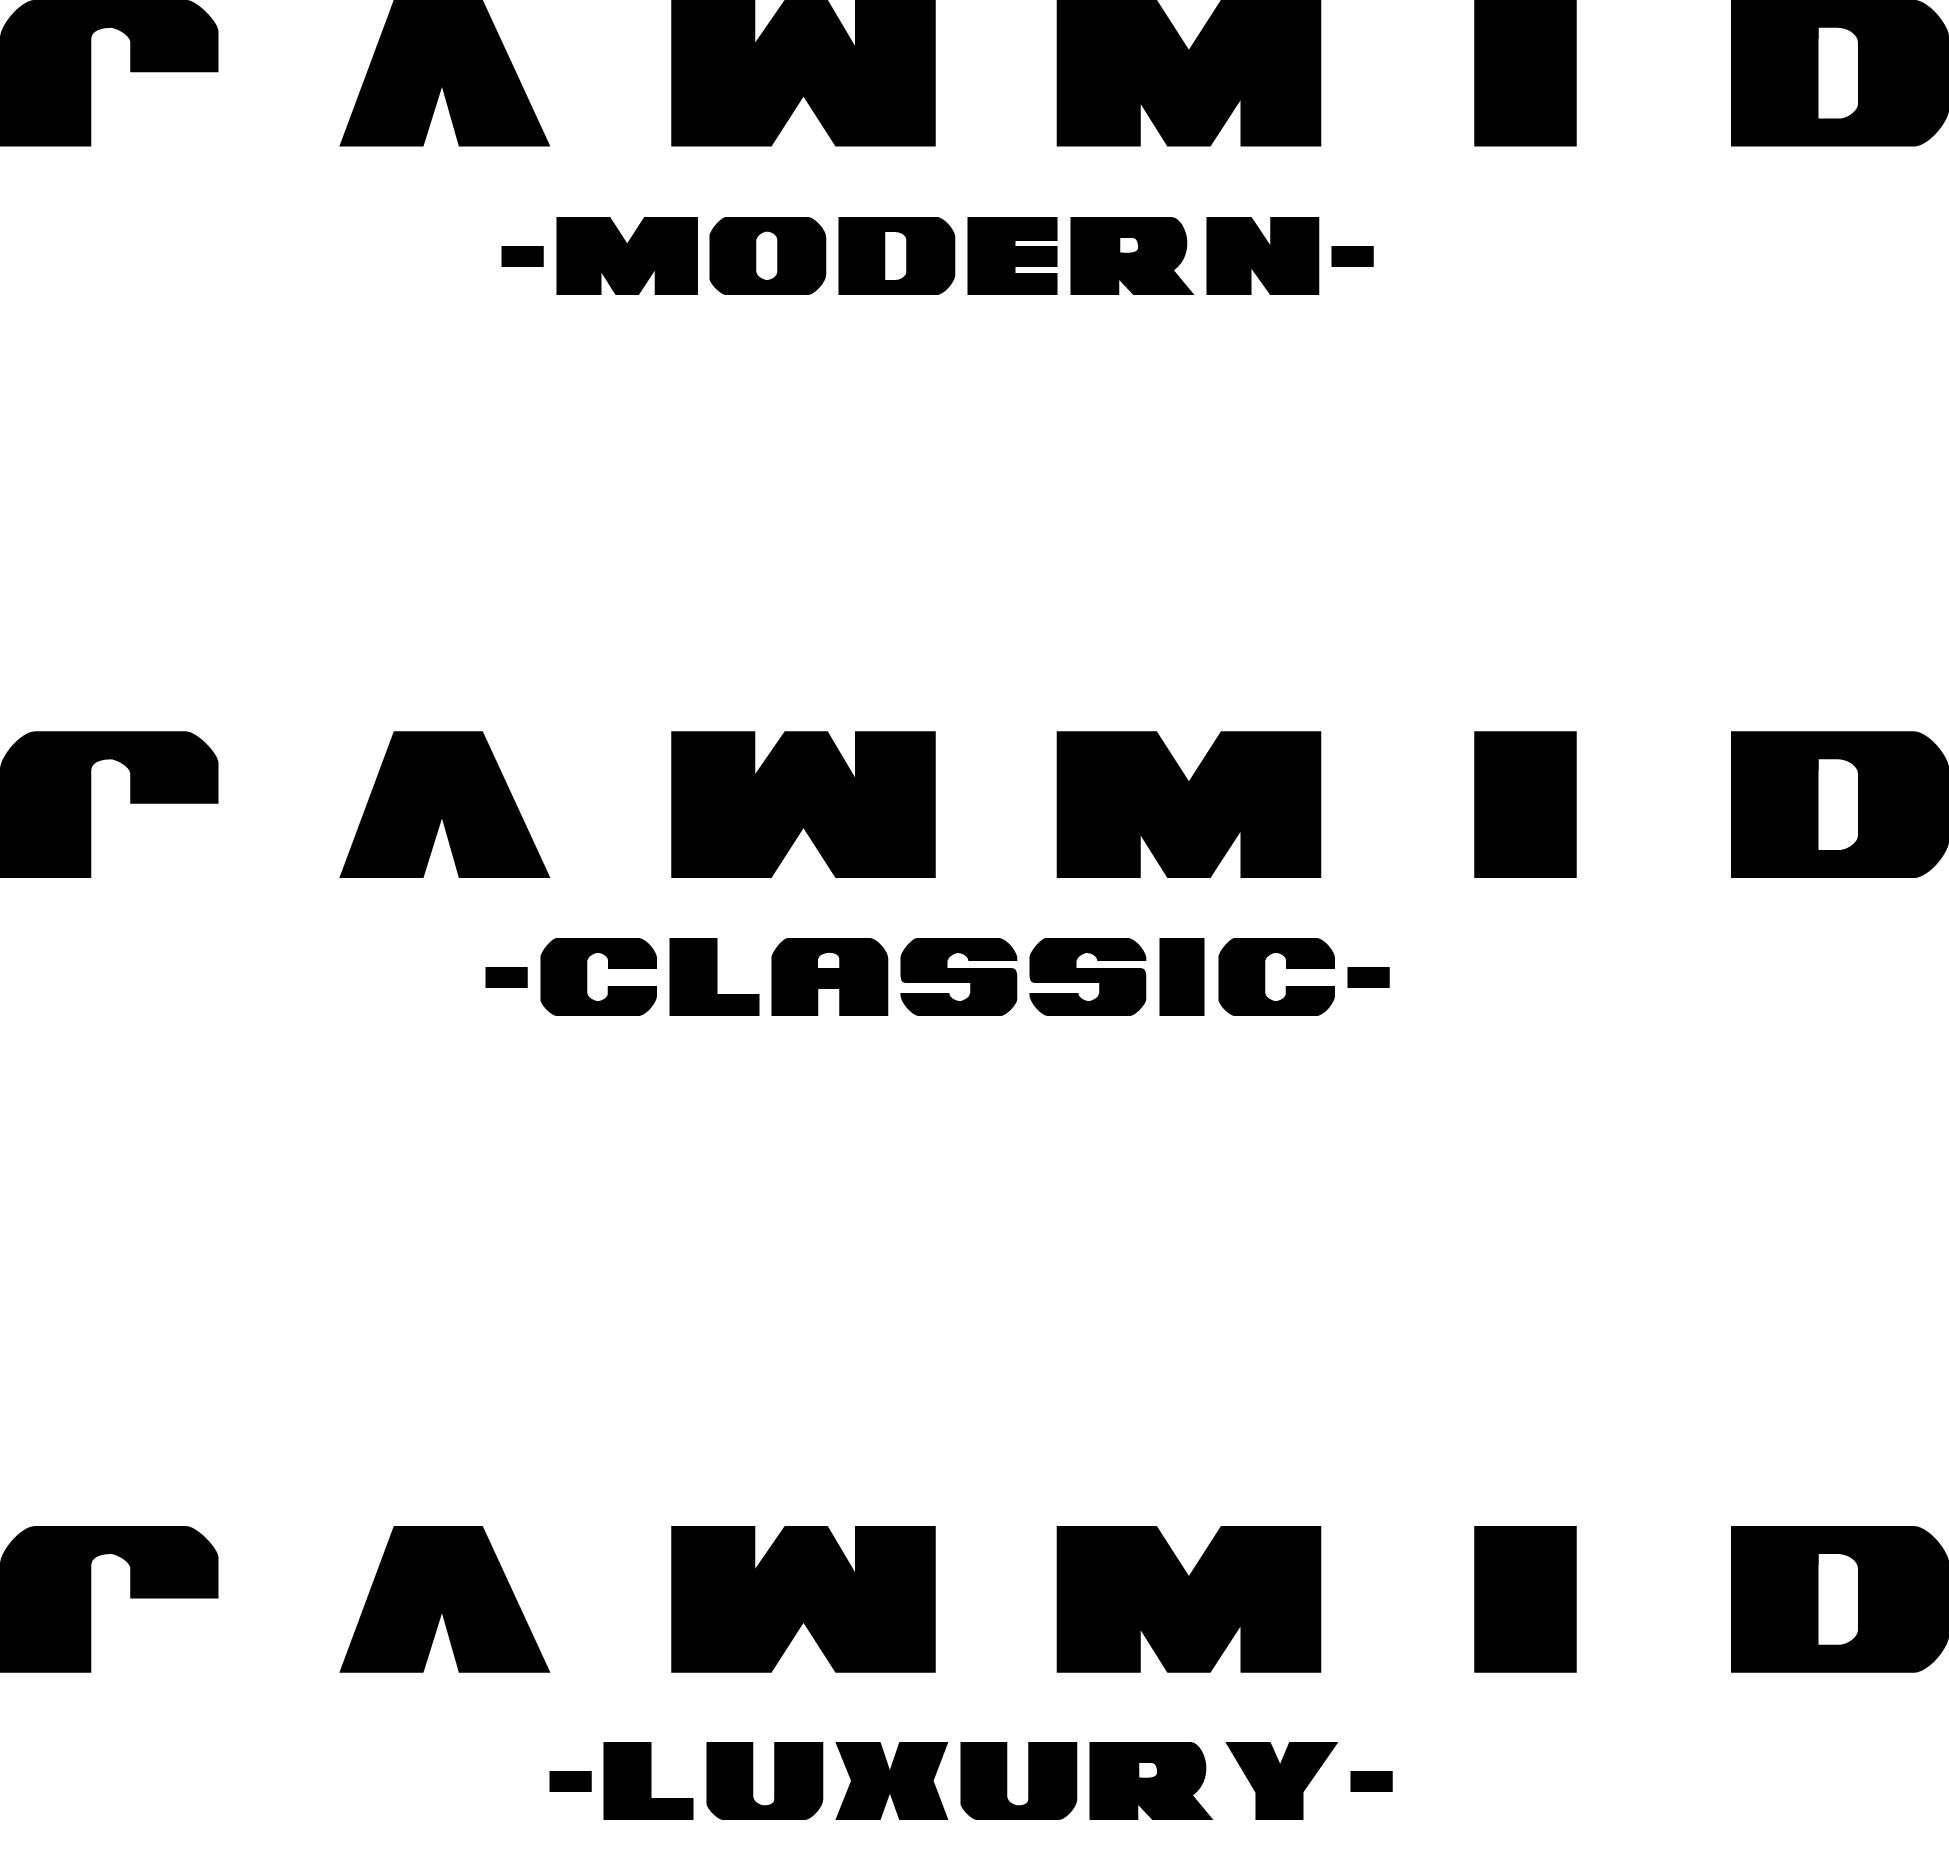 Создать логотип (буквенная часть) для бренда бытовой техники фото f_3995b3f137216b2e.jpg